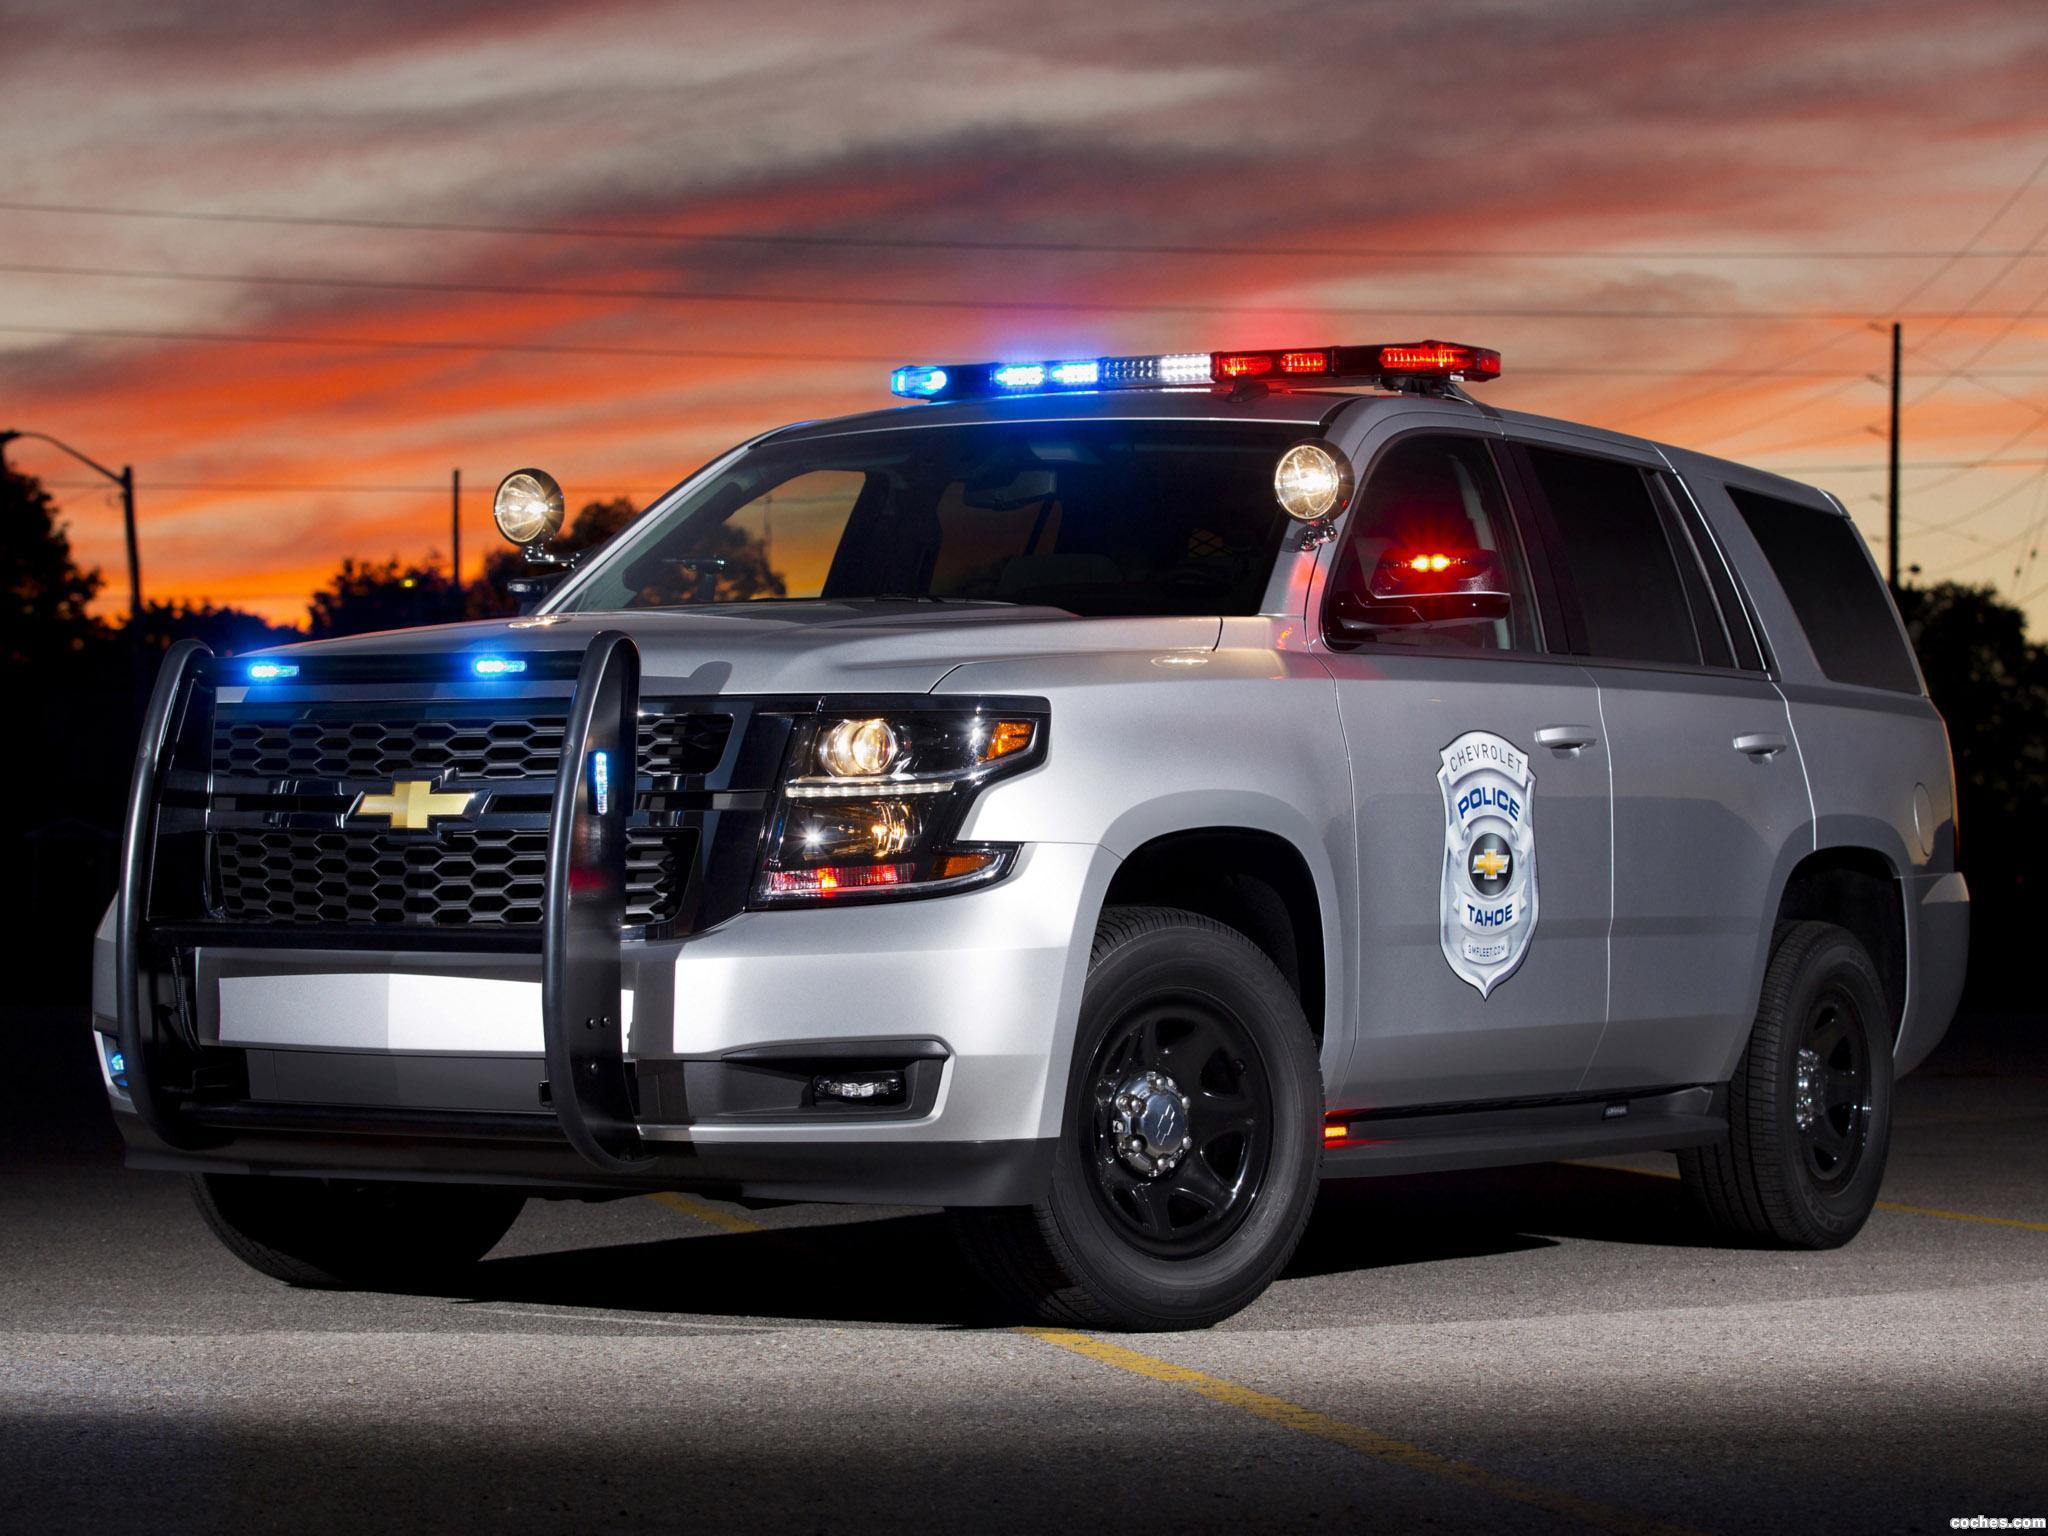 Foto 0 de Chevrolet Tahoe Police Concept 2013